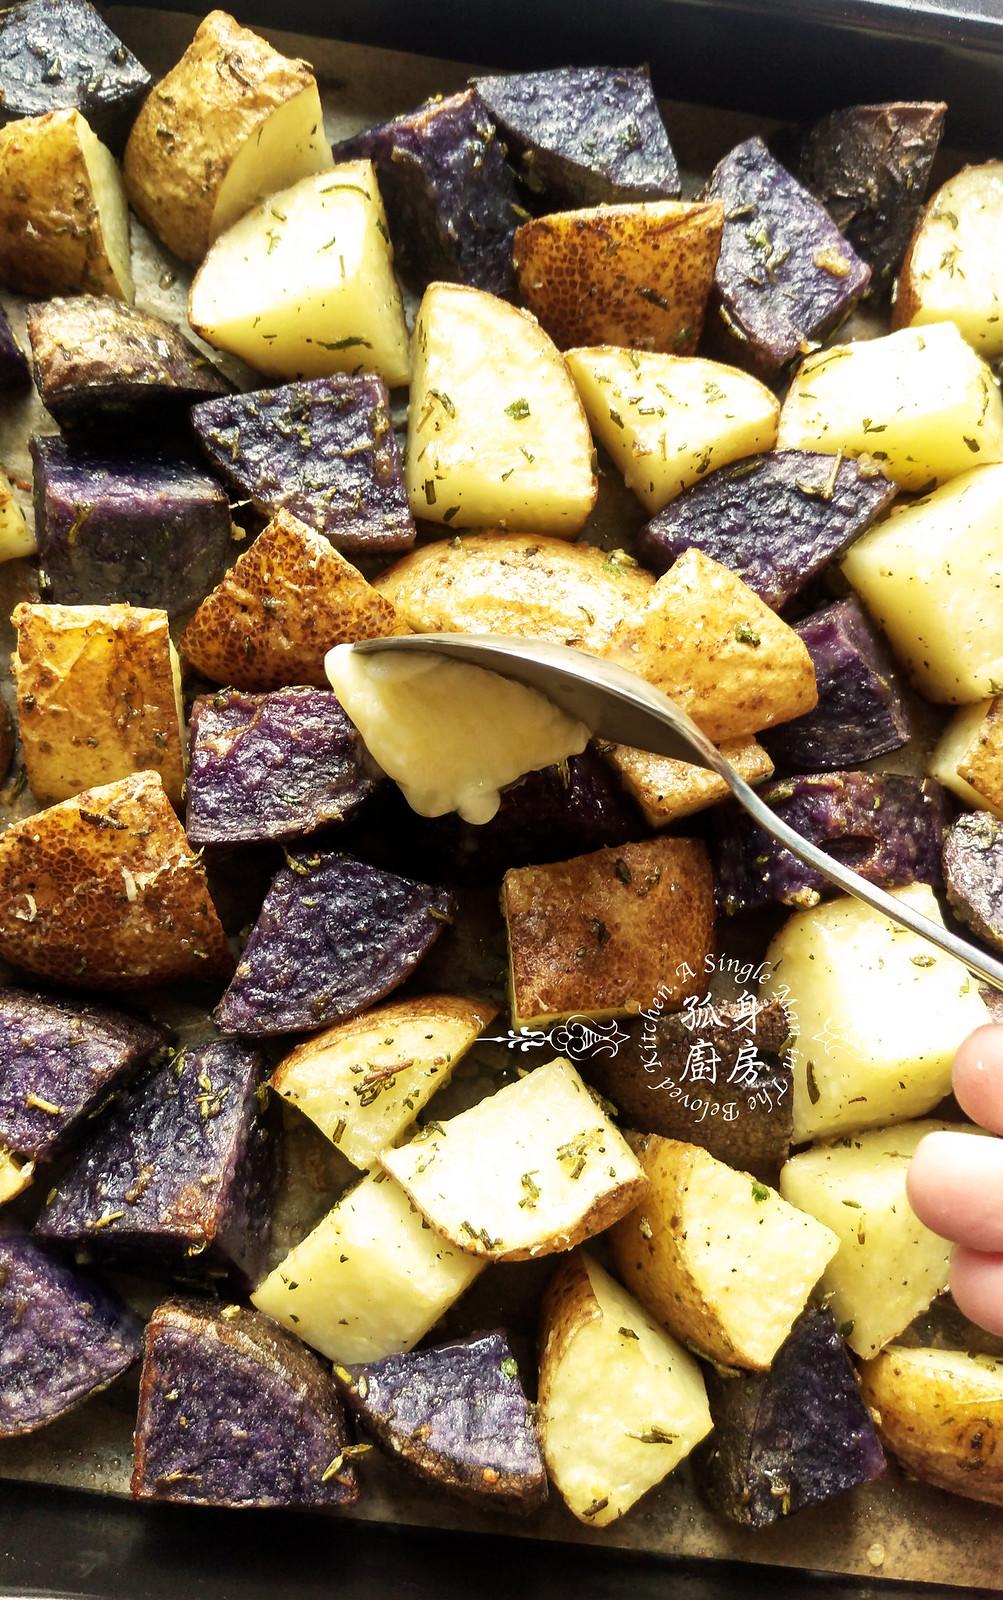 孤身廚房-香草烤雙色馬鈴薯──好吃又簡單的烤箱料理10